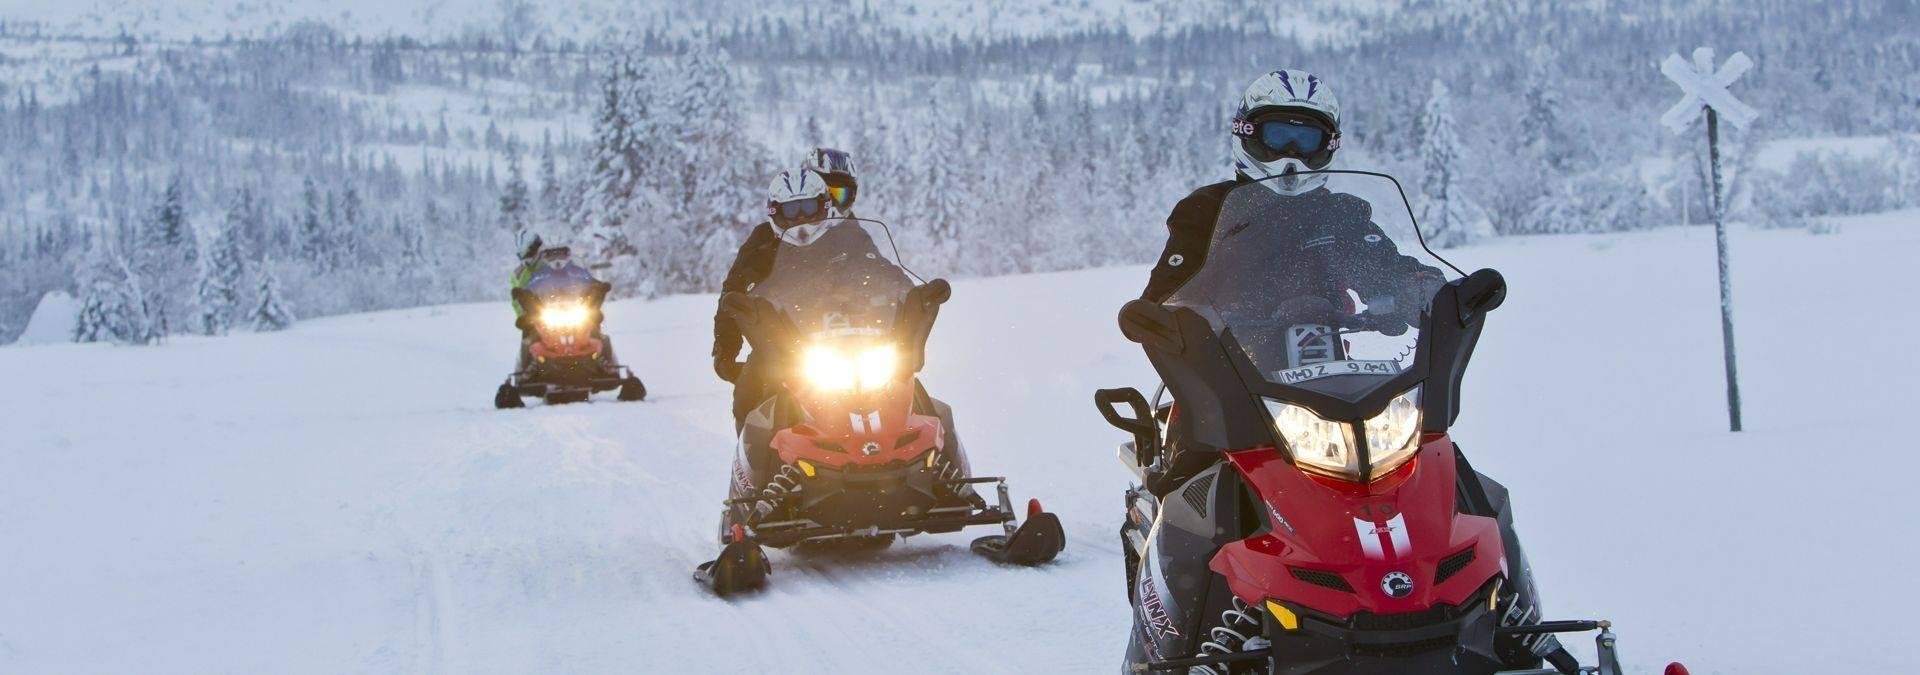 mikko_nikkinen-snowmobile-2176.jpg Credit Mikko Nikkinen & imagebank.sweden.se.jpg